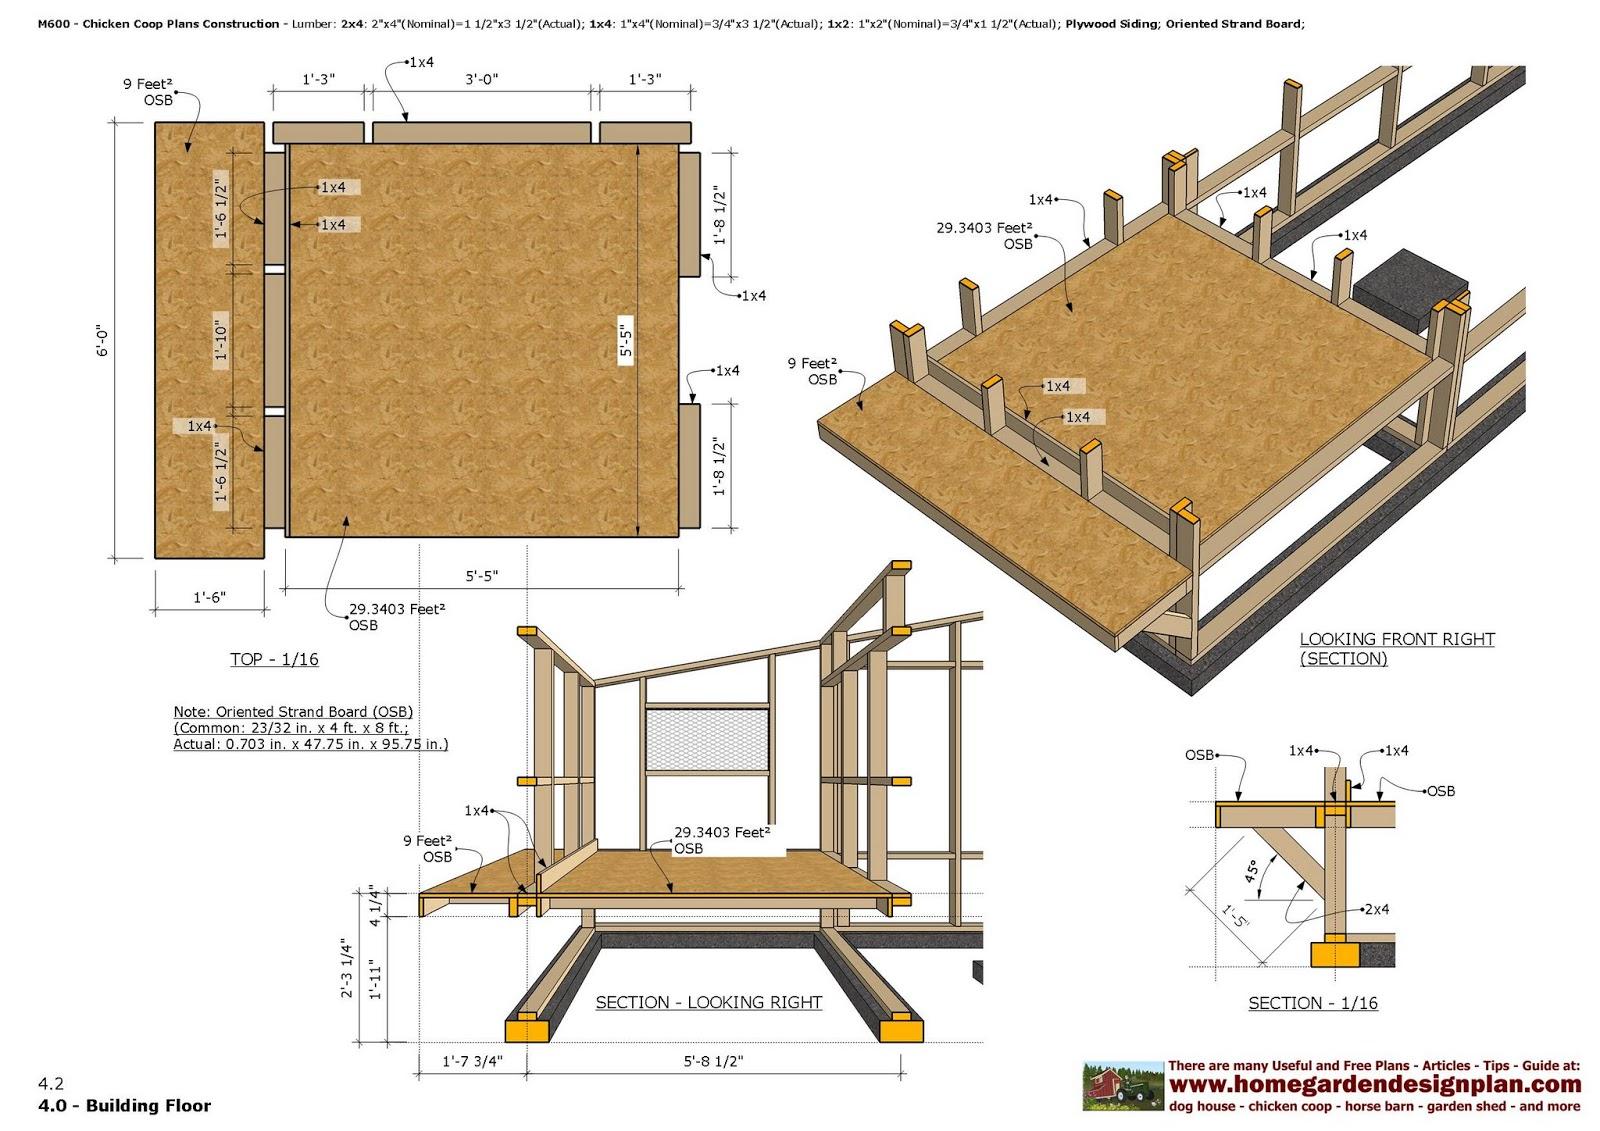 home garden plans: M600 - Free Chicken Coop Plans - Free ...